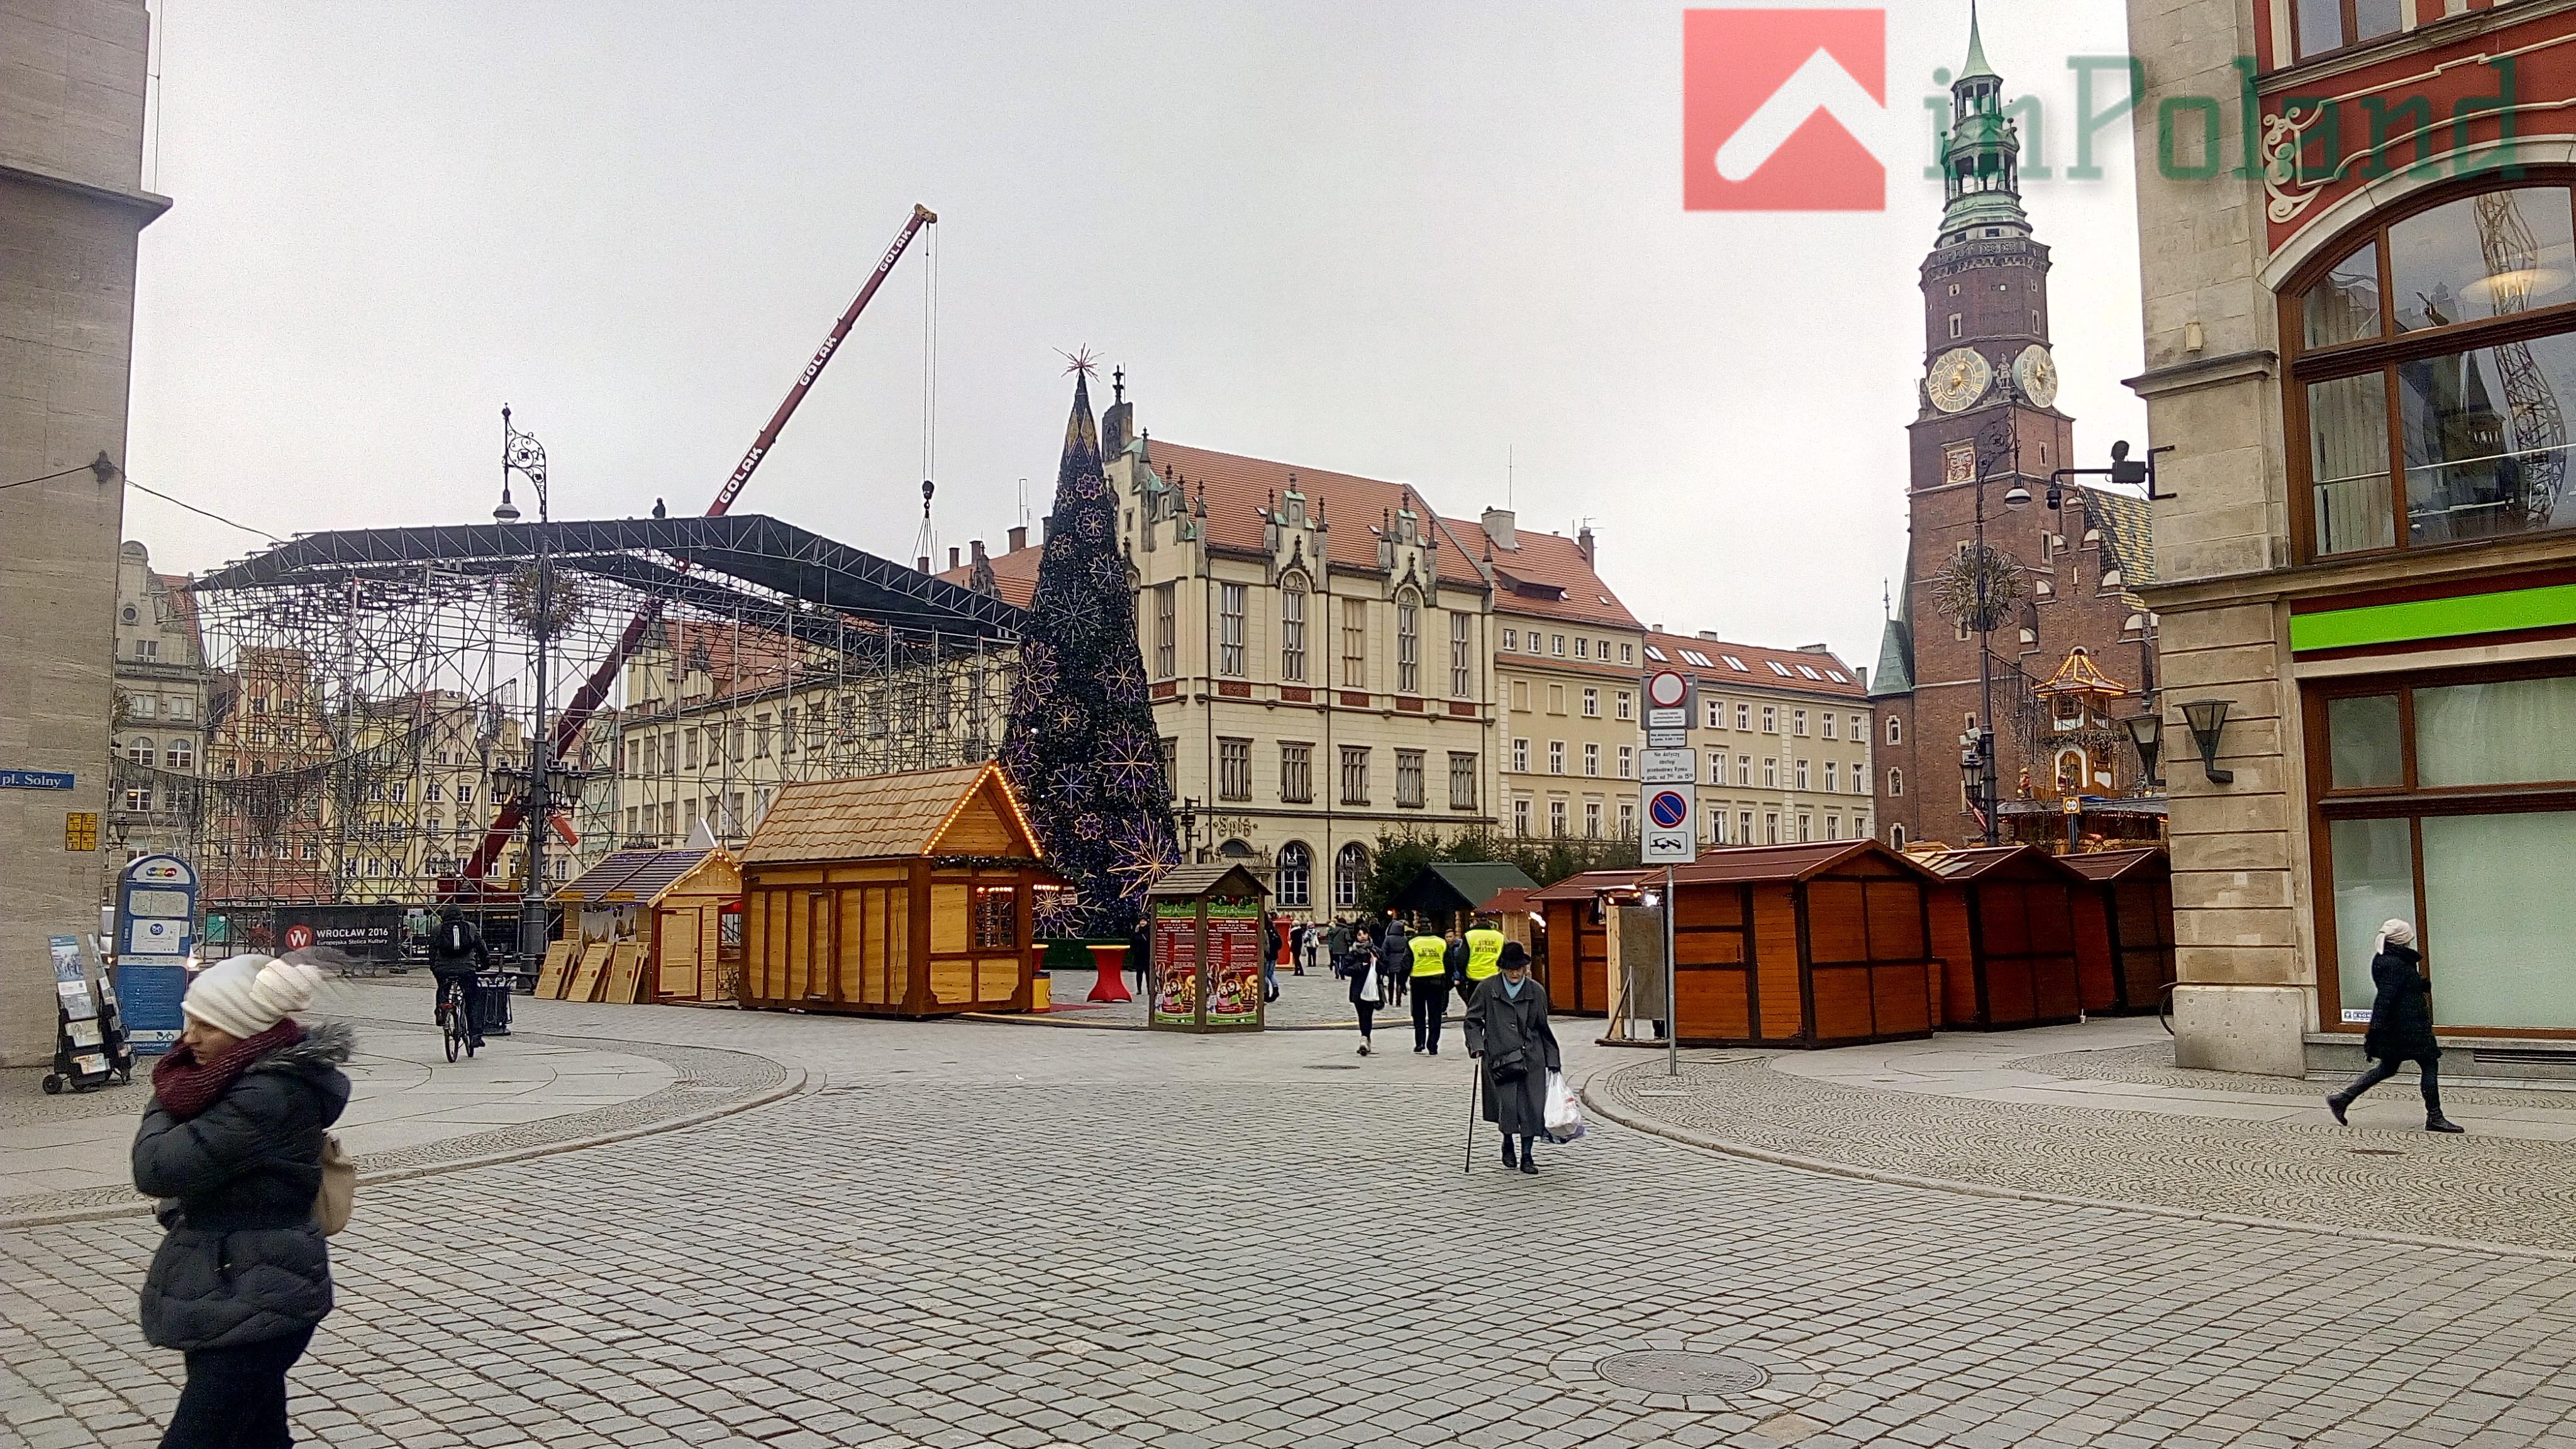 Во Вроцлаве демонтируют праздничные декорации